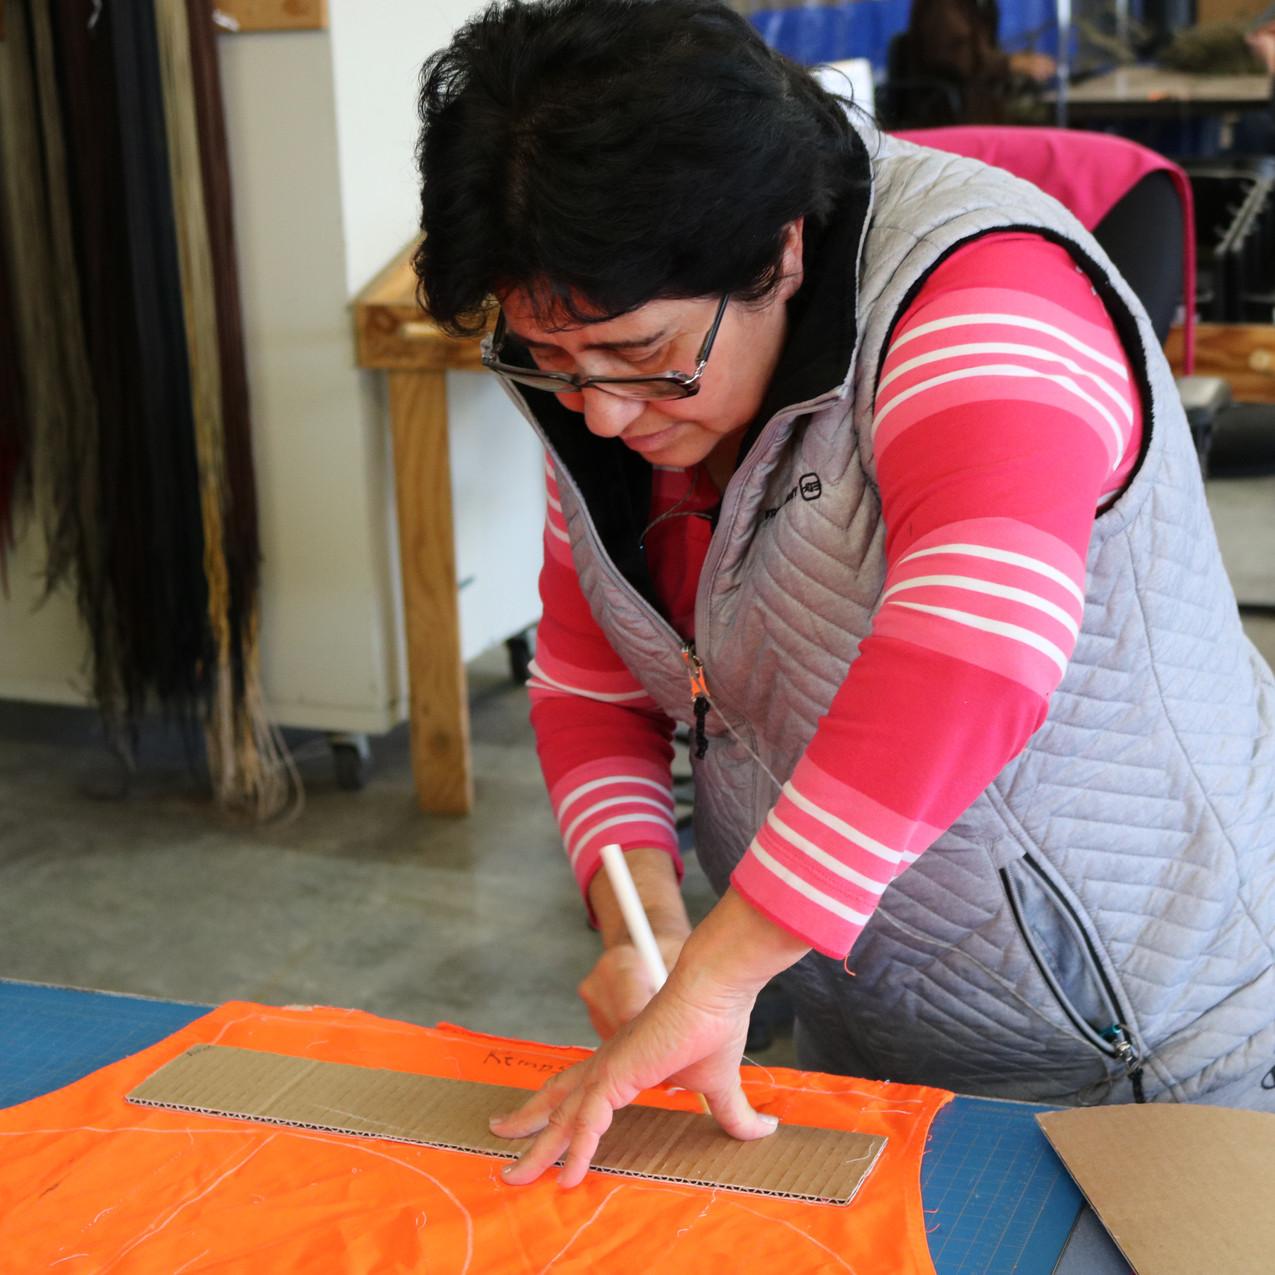 Relay Team Member Measures Fabric